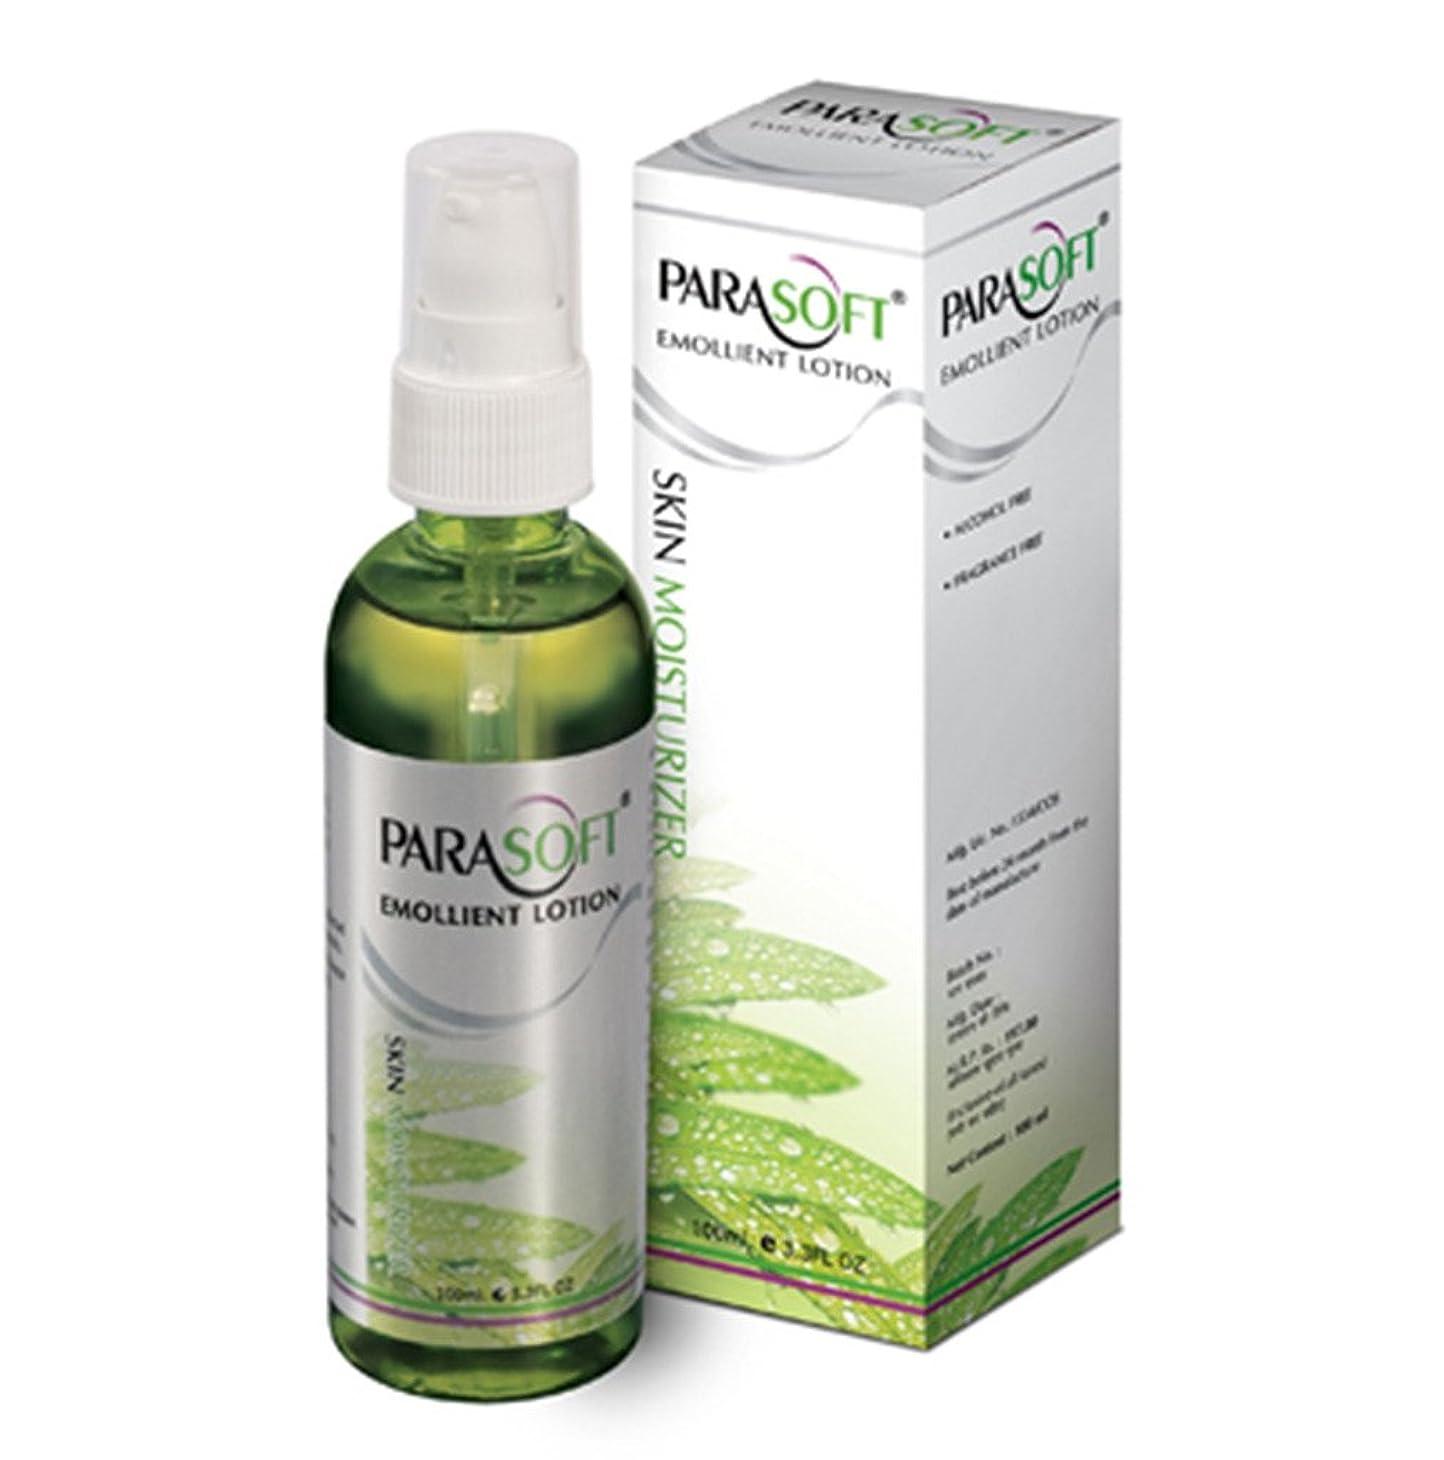 気配りのあるリーダーシップ伝記Paraffin Lotion Grapeseed, Jojoba, Aloevera, Avocado, Olive Oil Dry Skin 100ml